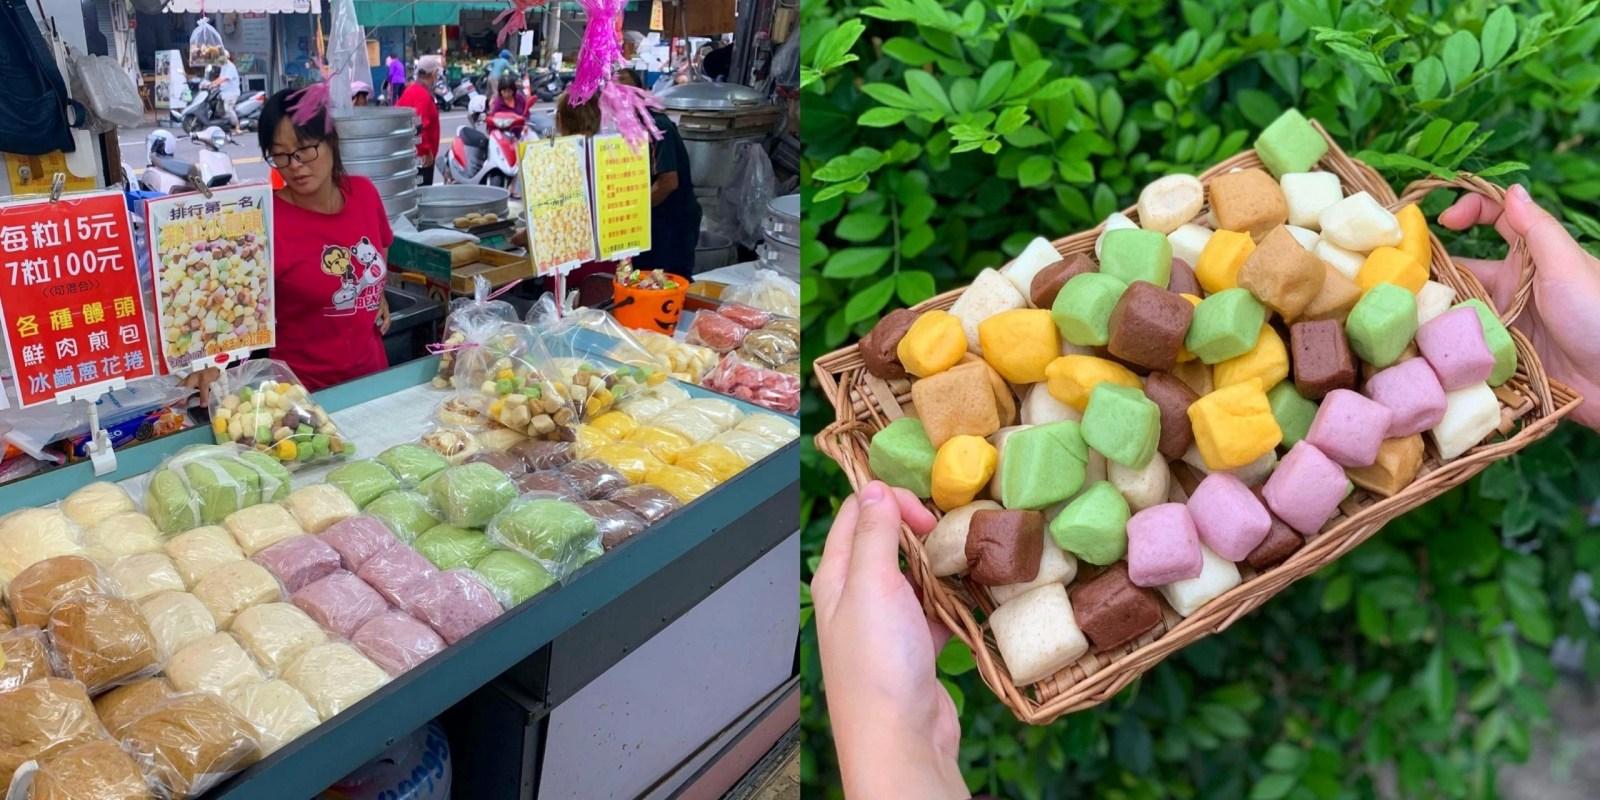 [台中美食] 盧大爸手工饅頭彩虹小饅頭 - 超美的彩虹小饅頭就隱藏在黃昏市場